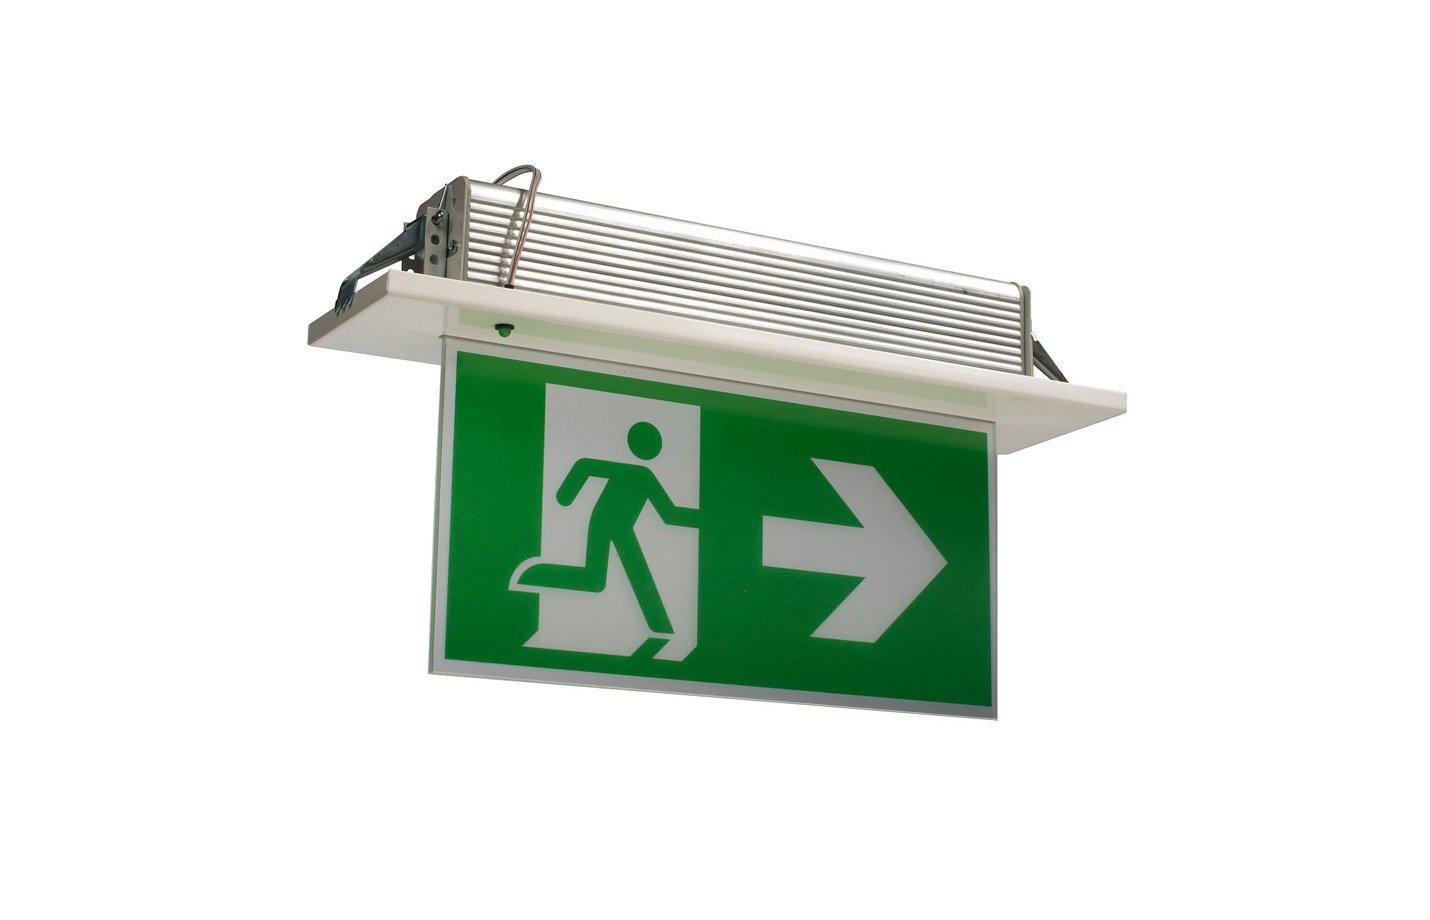 Bogdania Exit light – Recessed